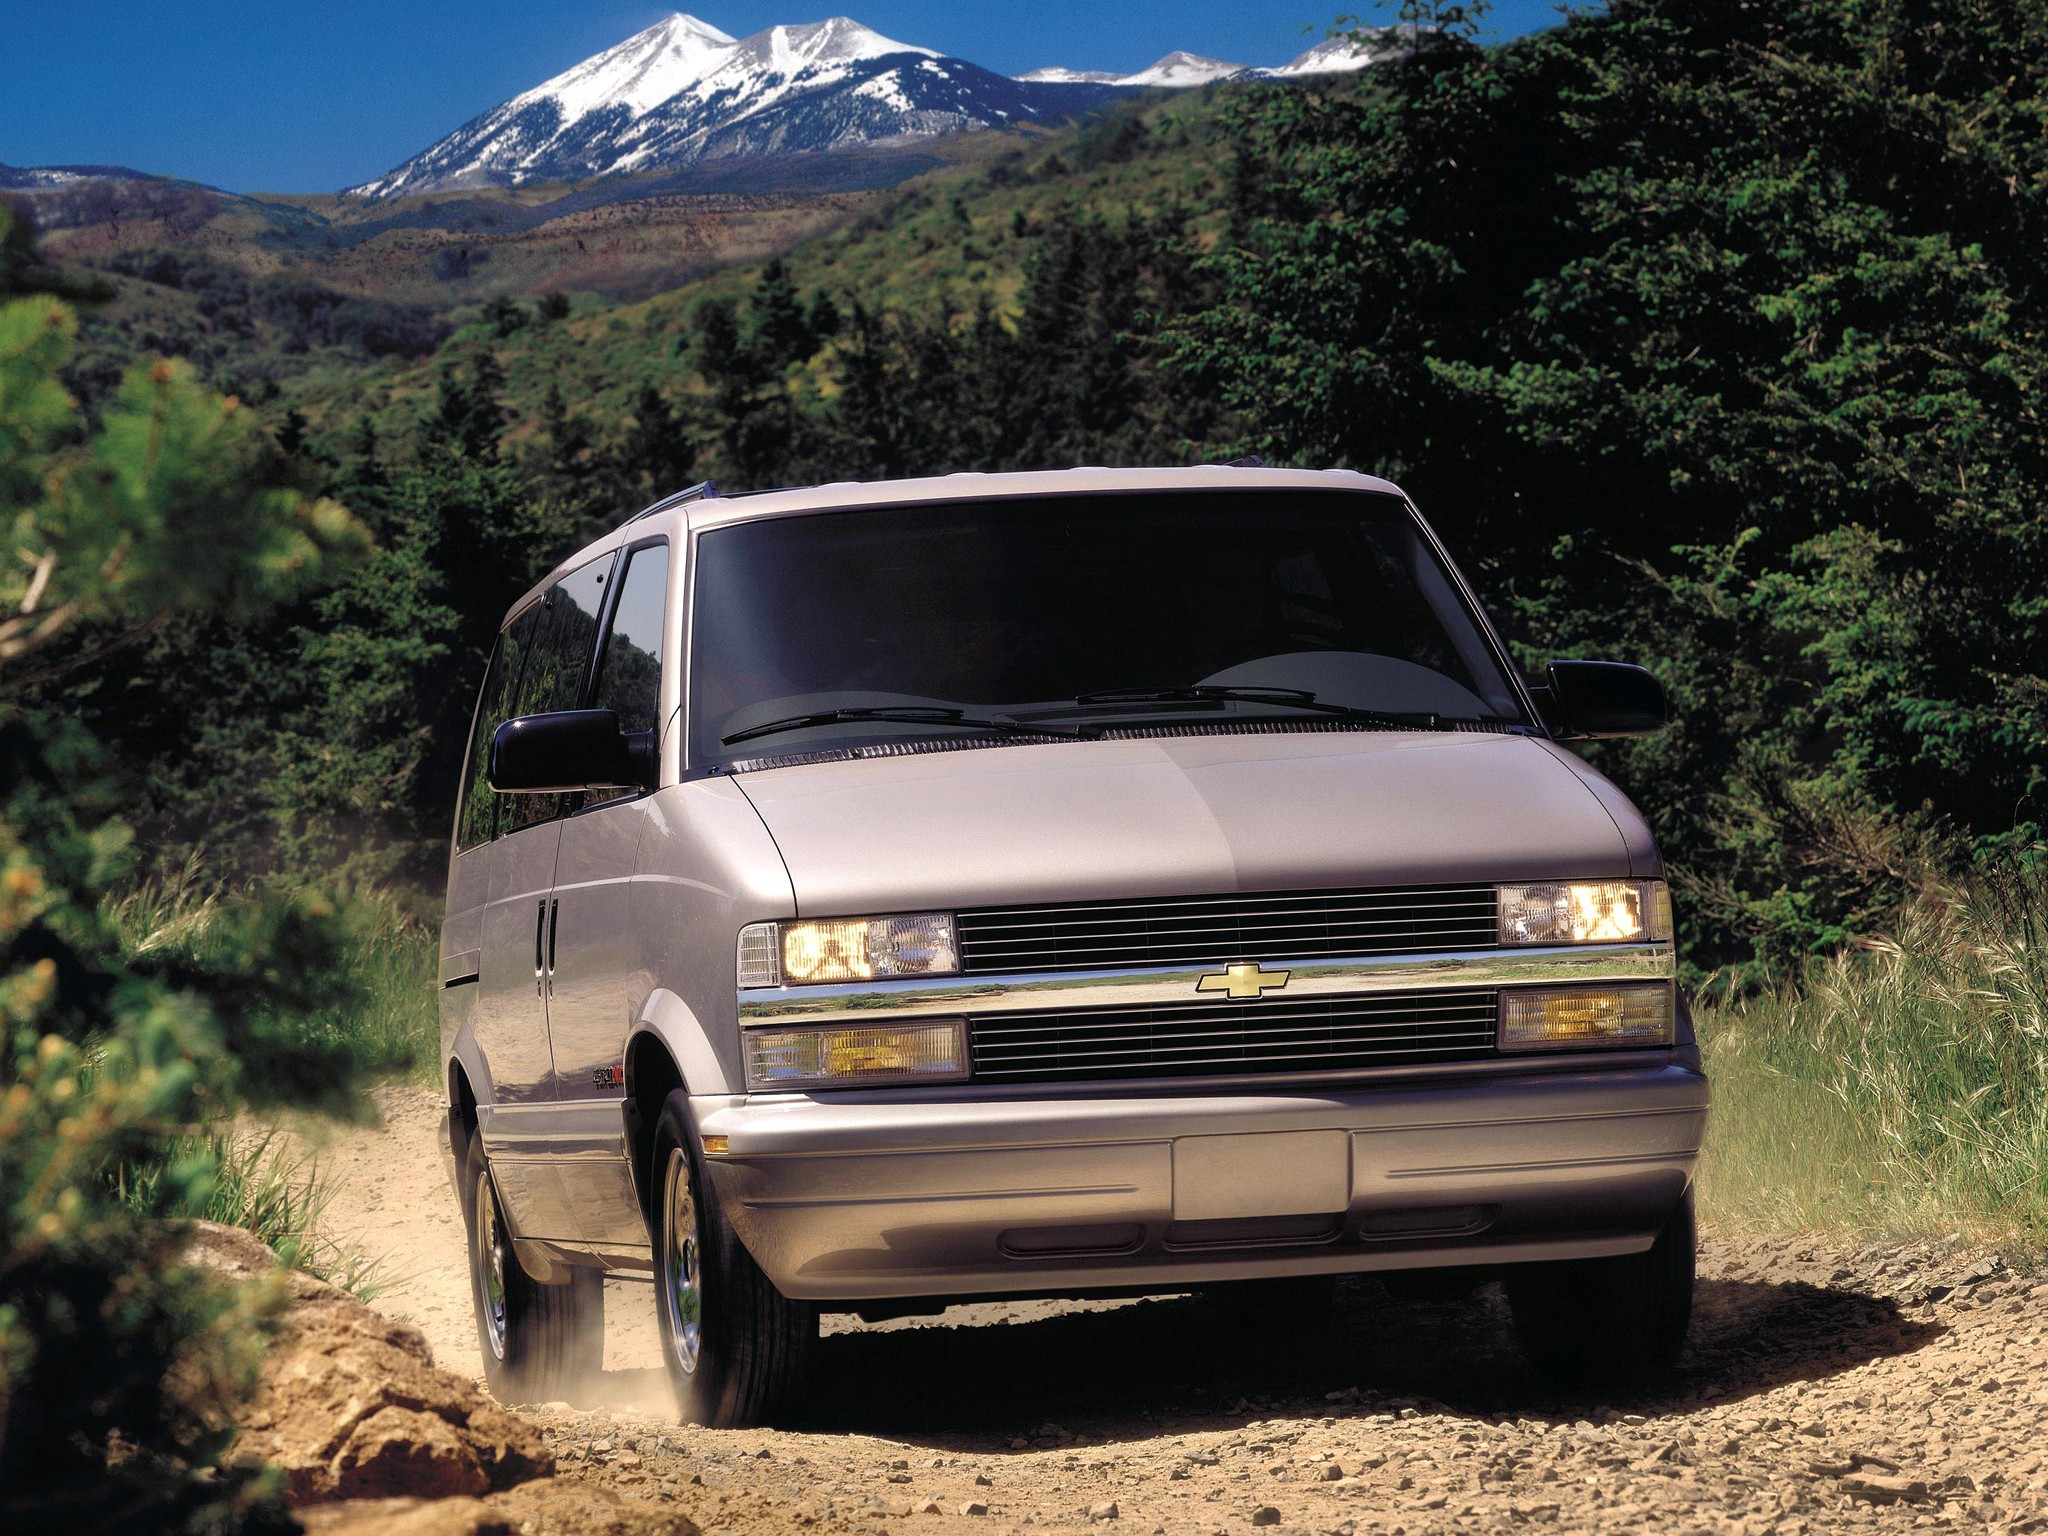 2005 silverado fuse box diagram engine chevrolet astro specs amp photos 1994 1995 1996 1997 2005 silverado